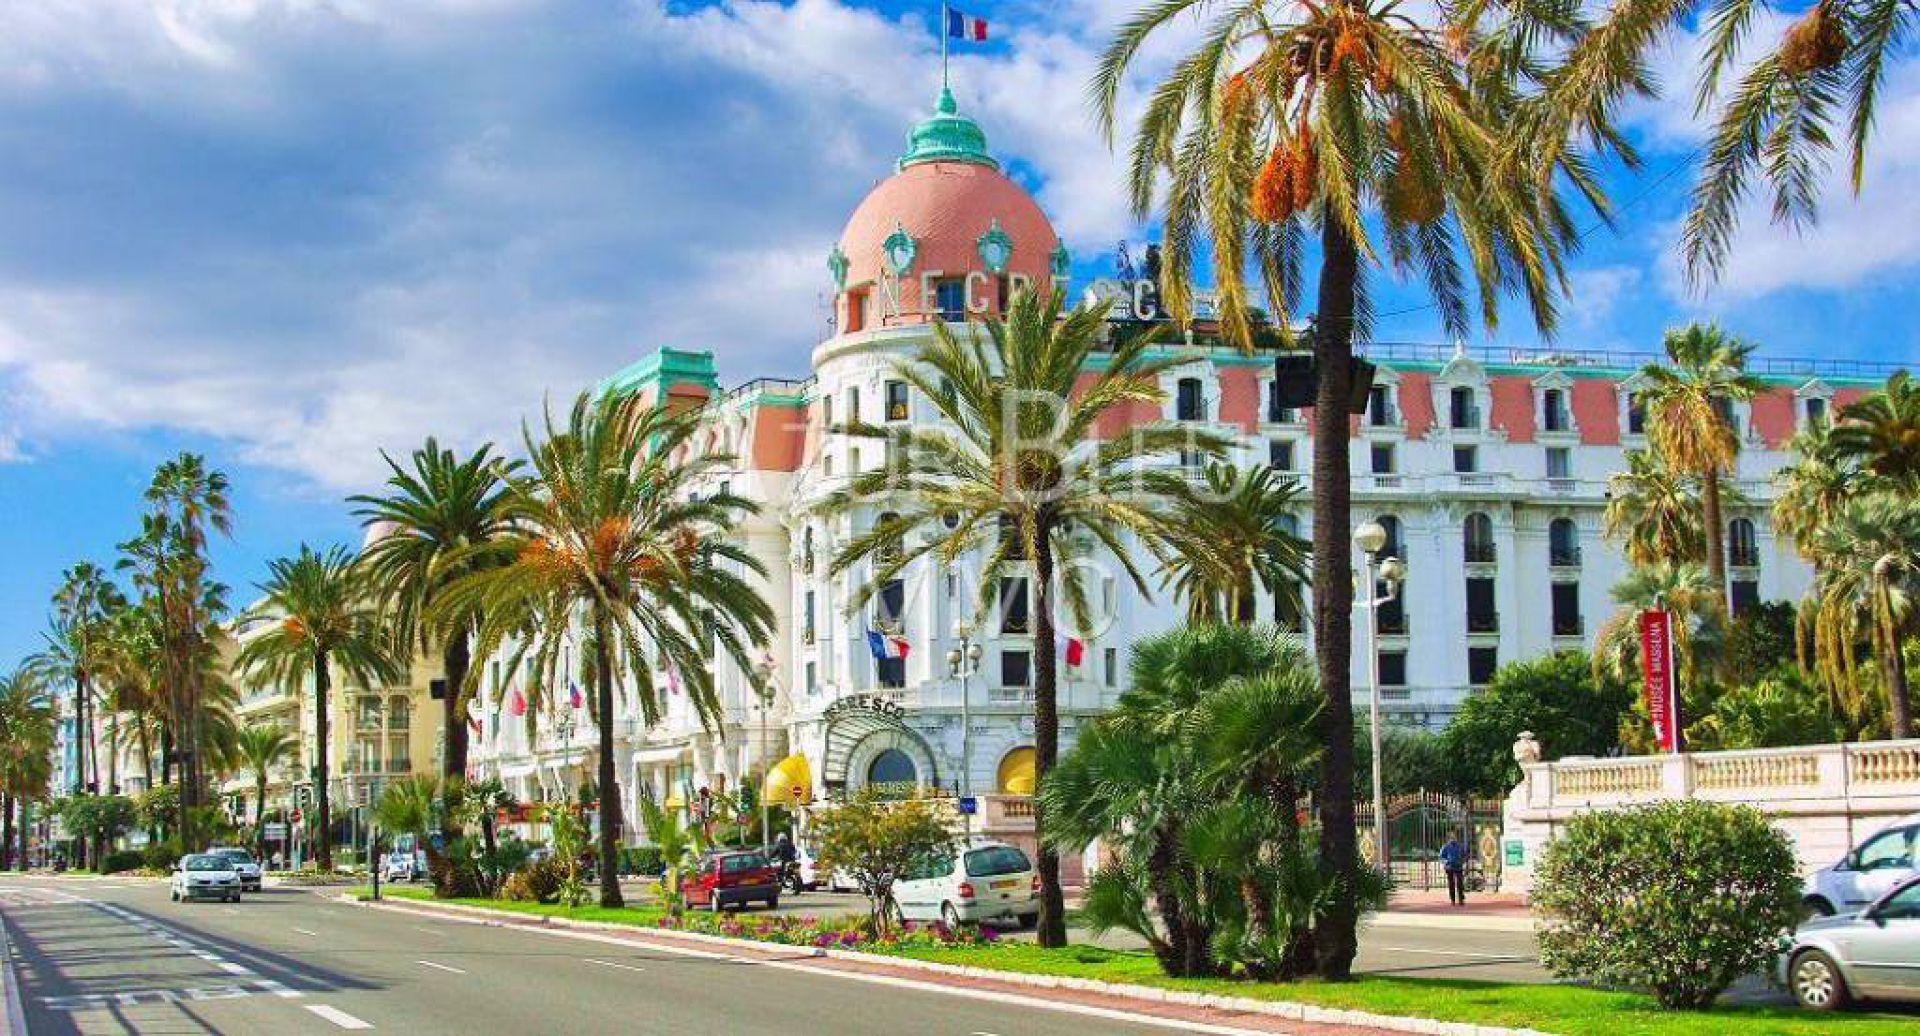 Редчайшее предложение в низком ценовом классе по гостиничному бизнесу в Ницце, на Лазурном берегу Франции